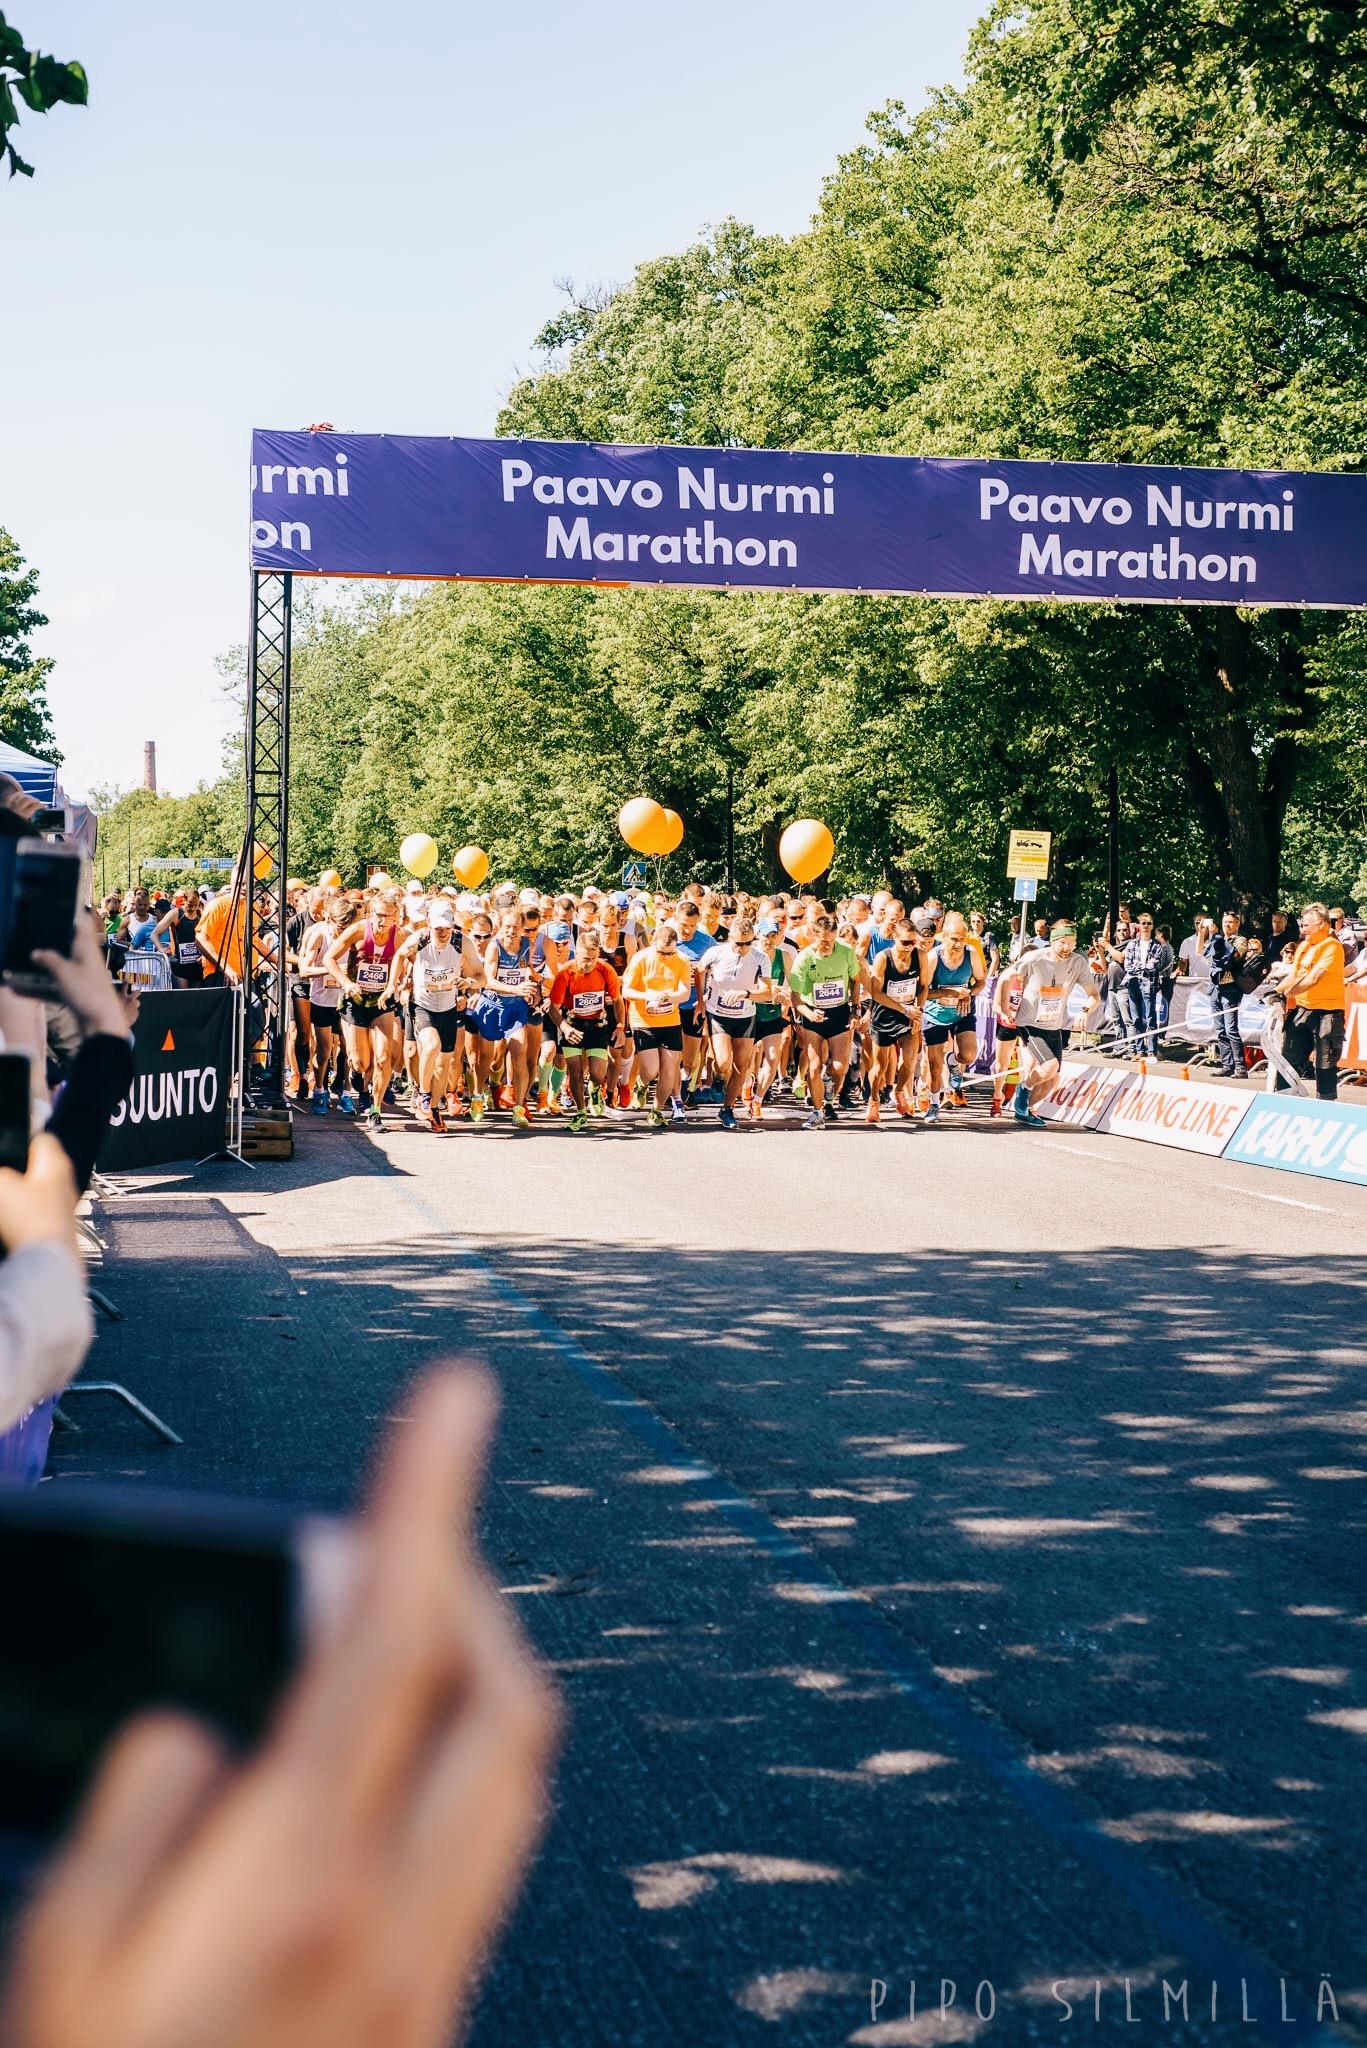 Paavo Nurmi Maraton 2017